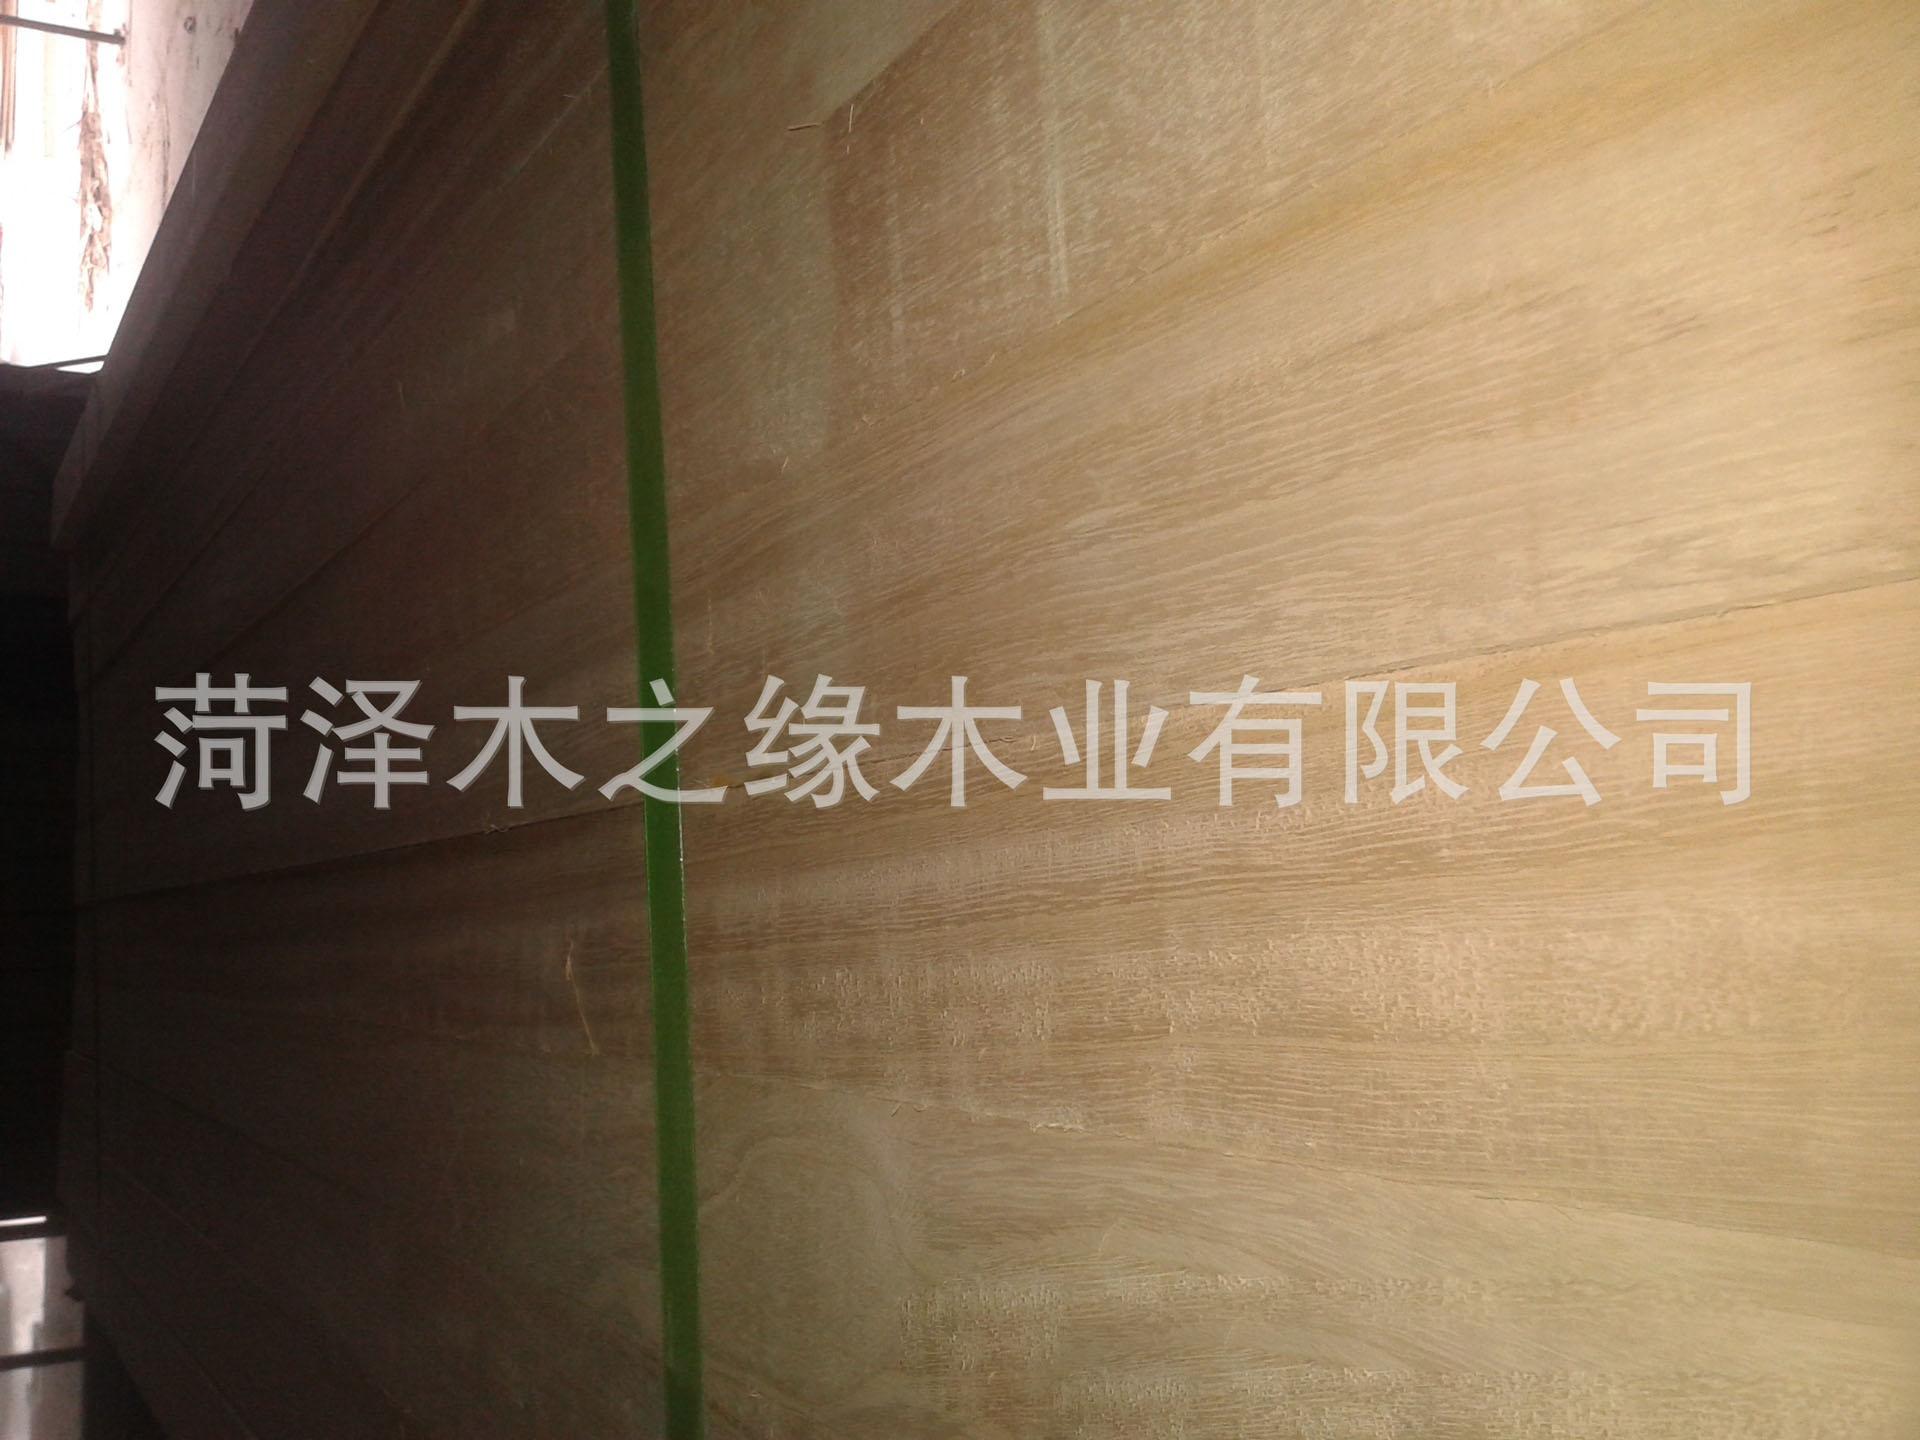 供应桐木拼板 桐木指接板 漂白桐木板材 批发销售